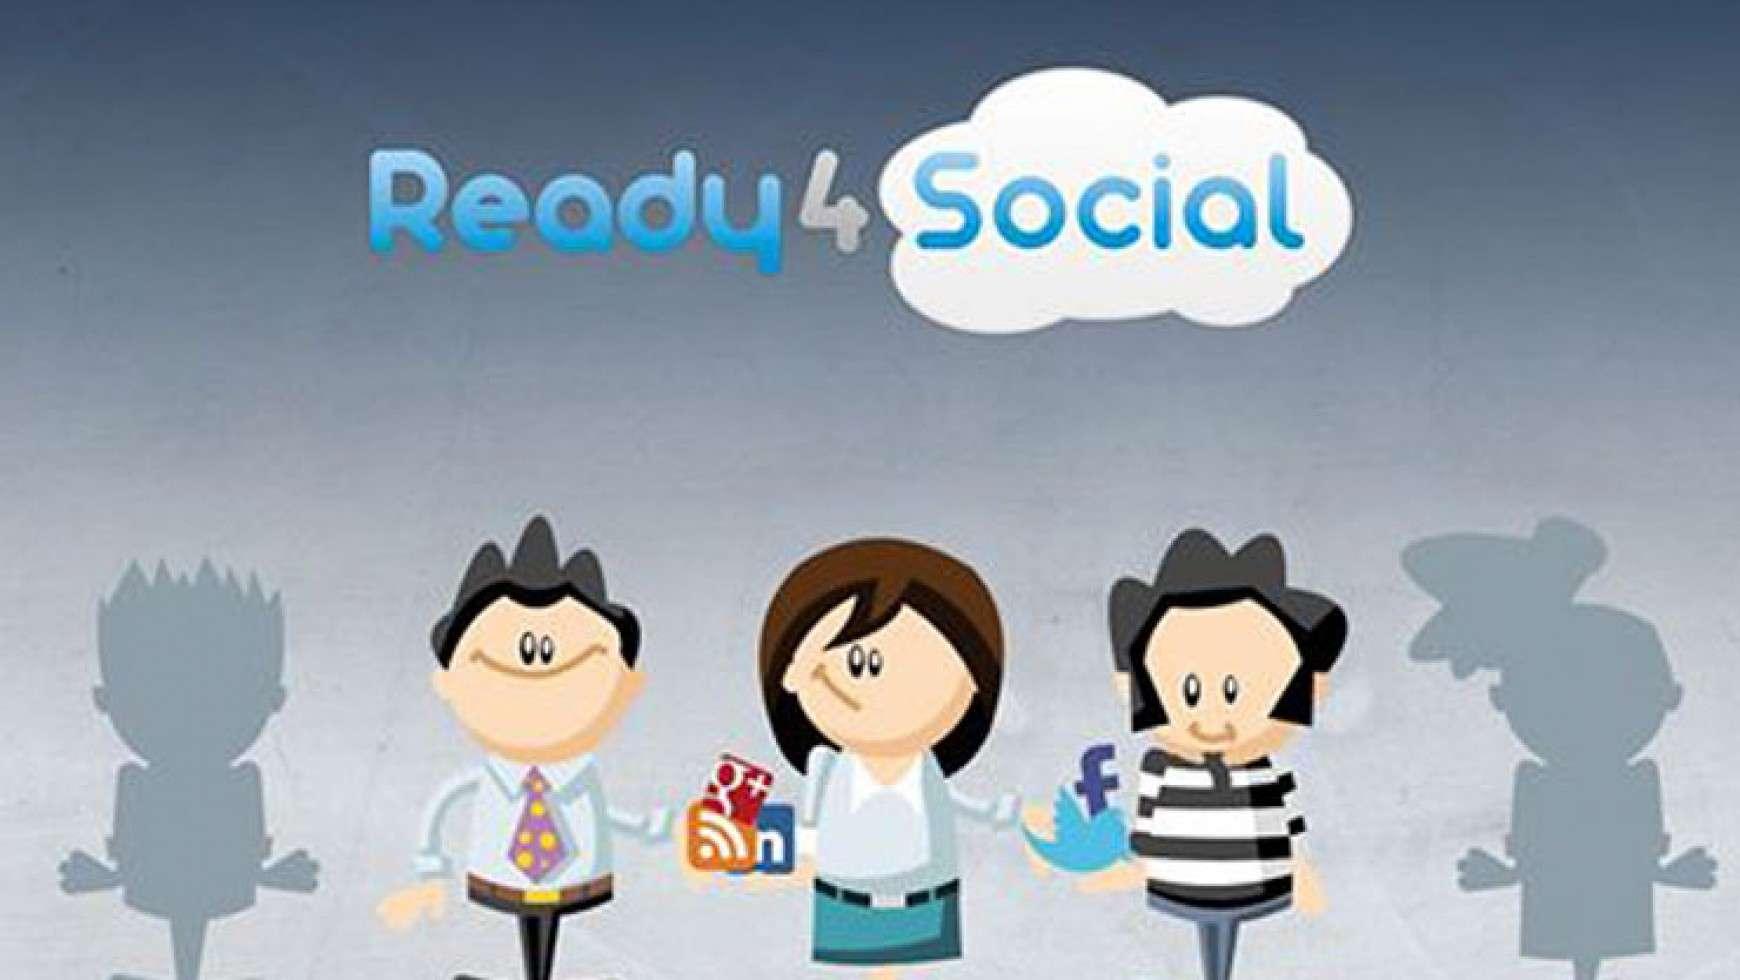 Ready4Social: la navaja suiza y content curator para los Community Manager